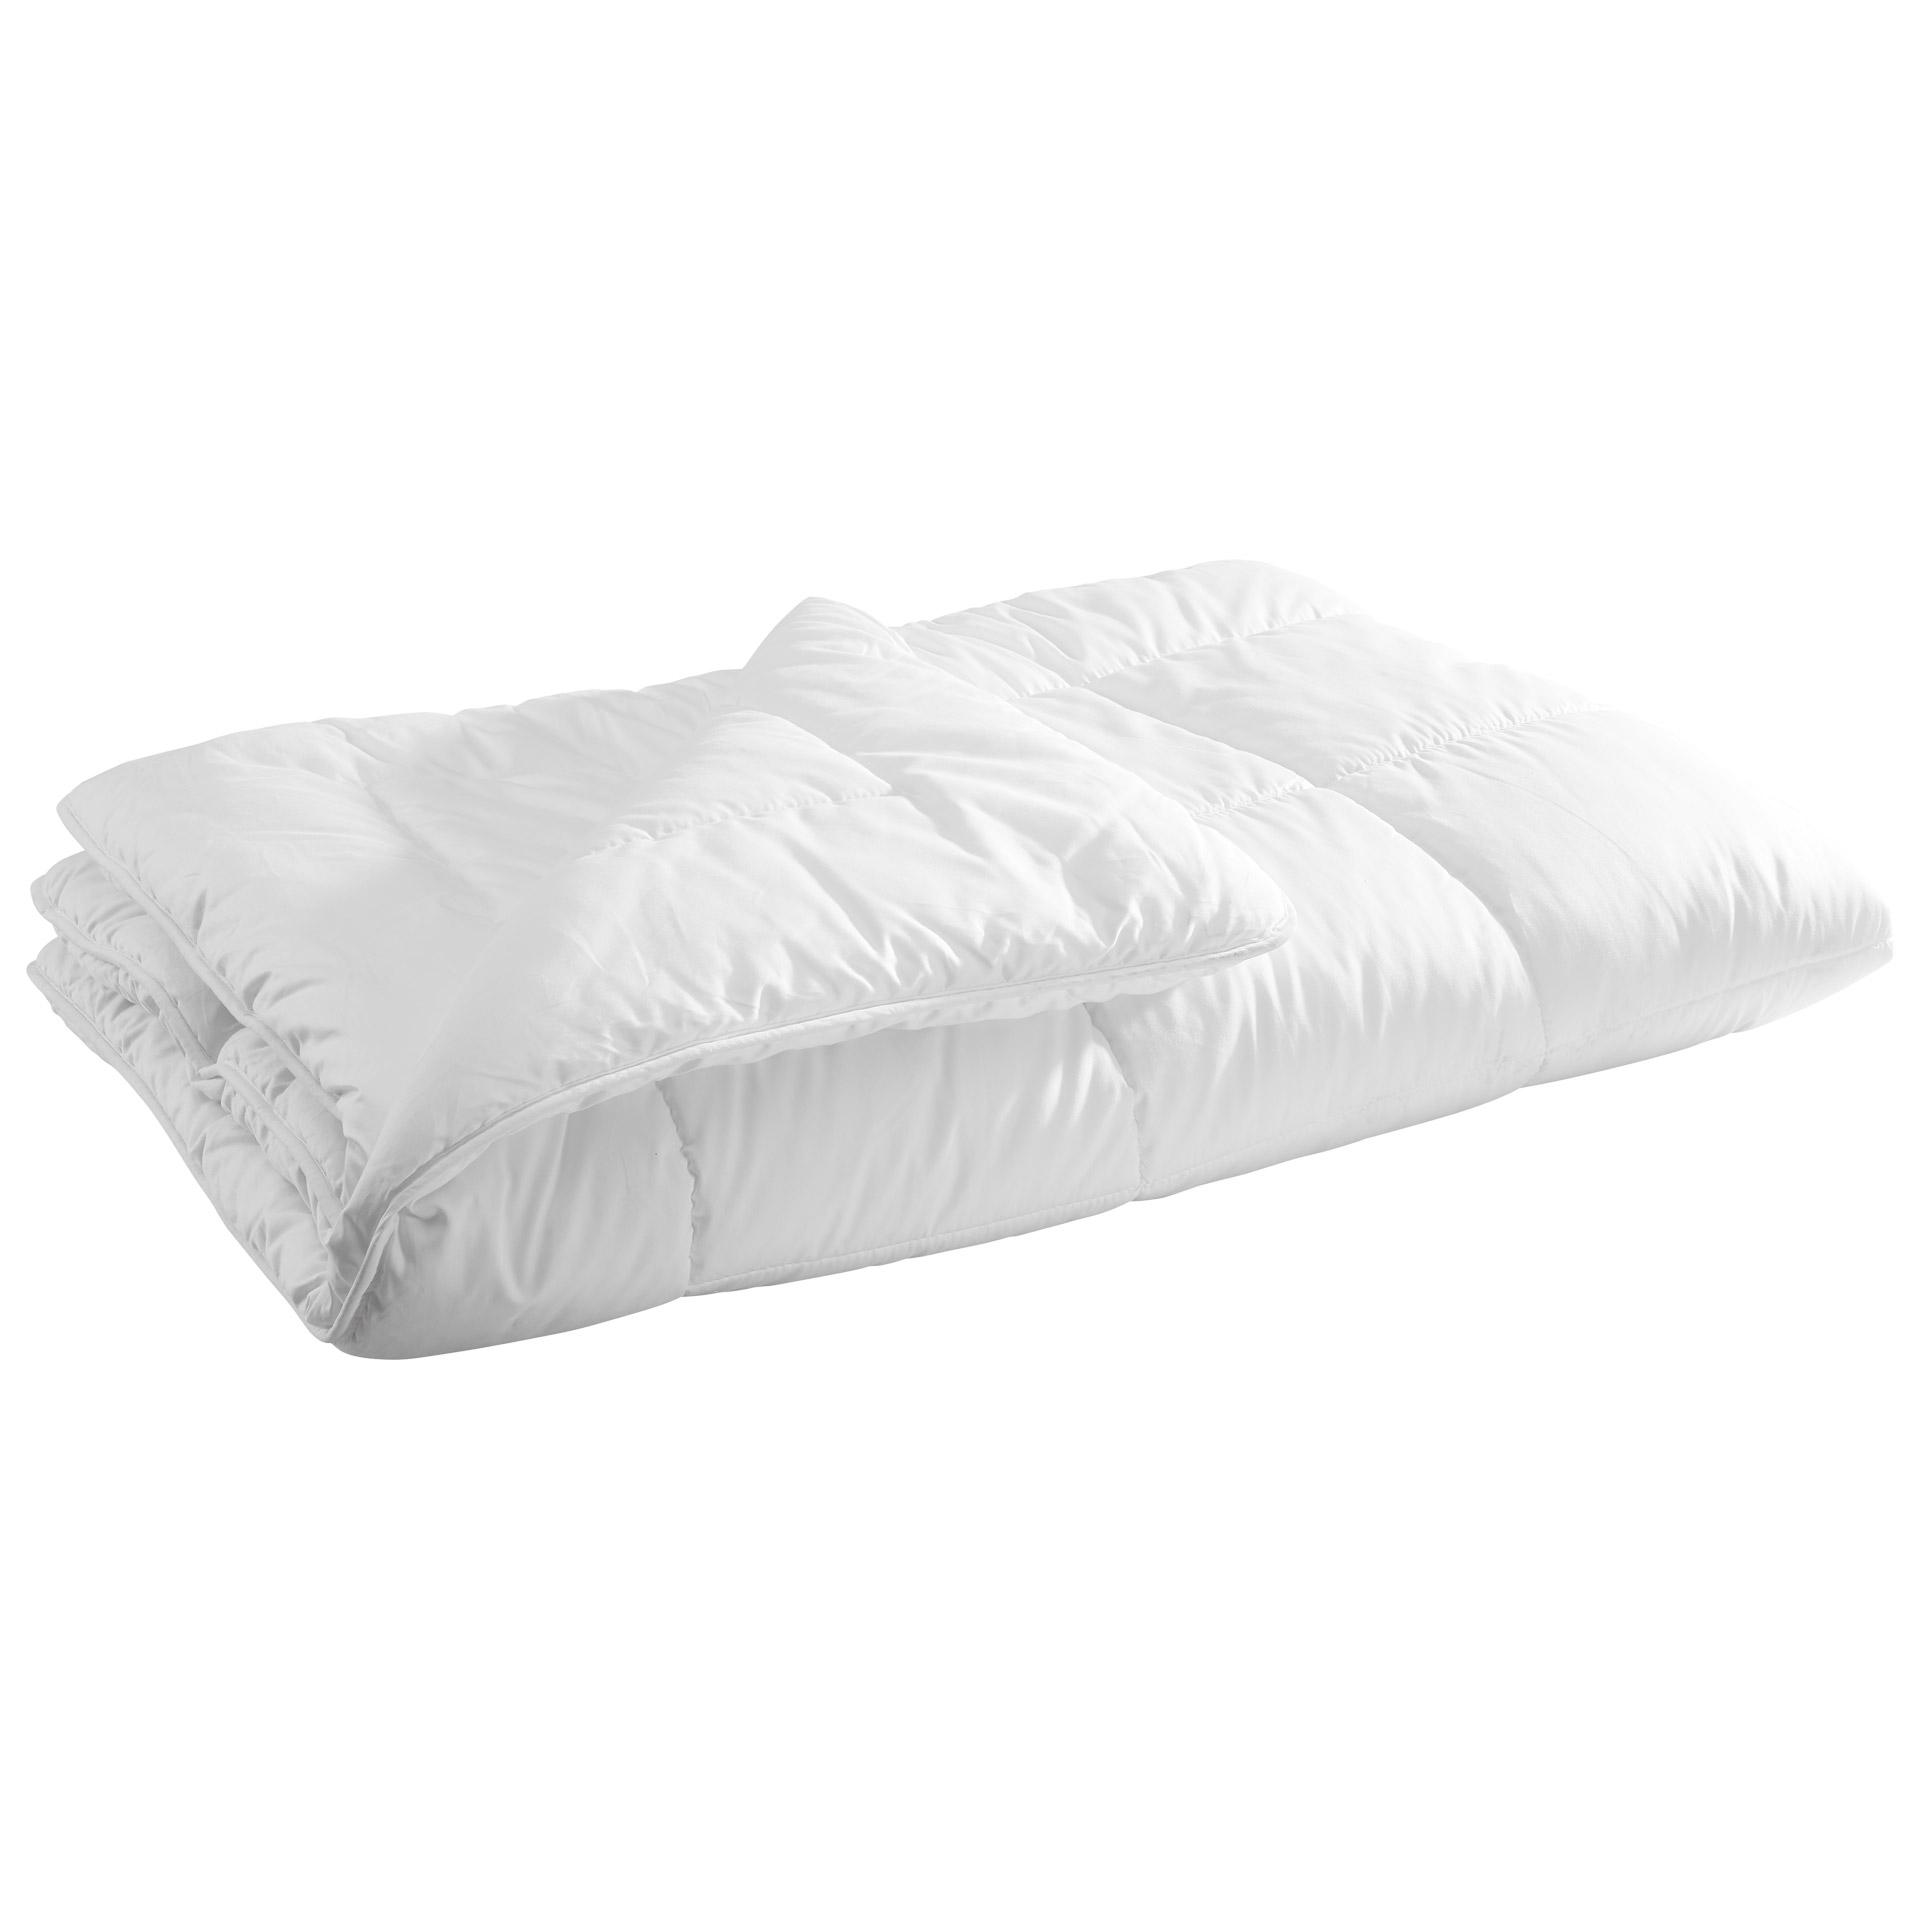 KRONBORG® 4-Jahreszeiten-Steppbett Edition (135x200, weiß)